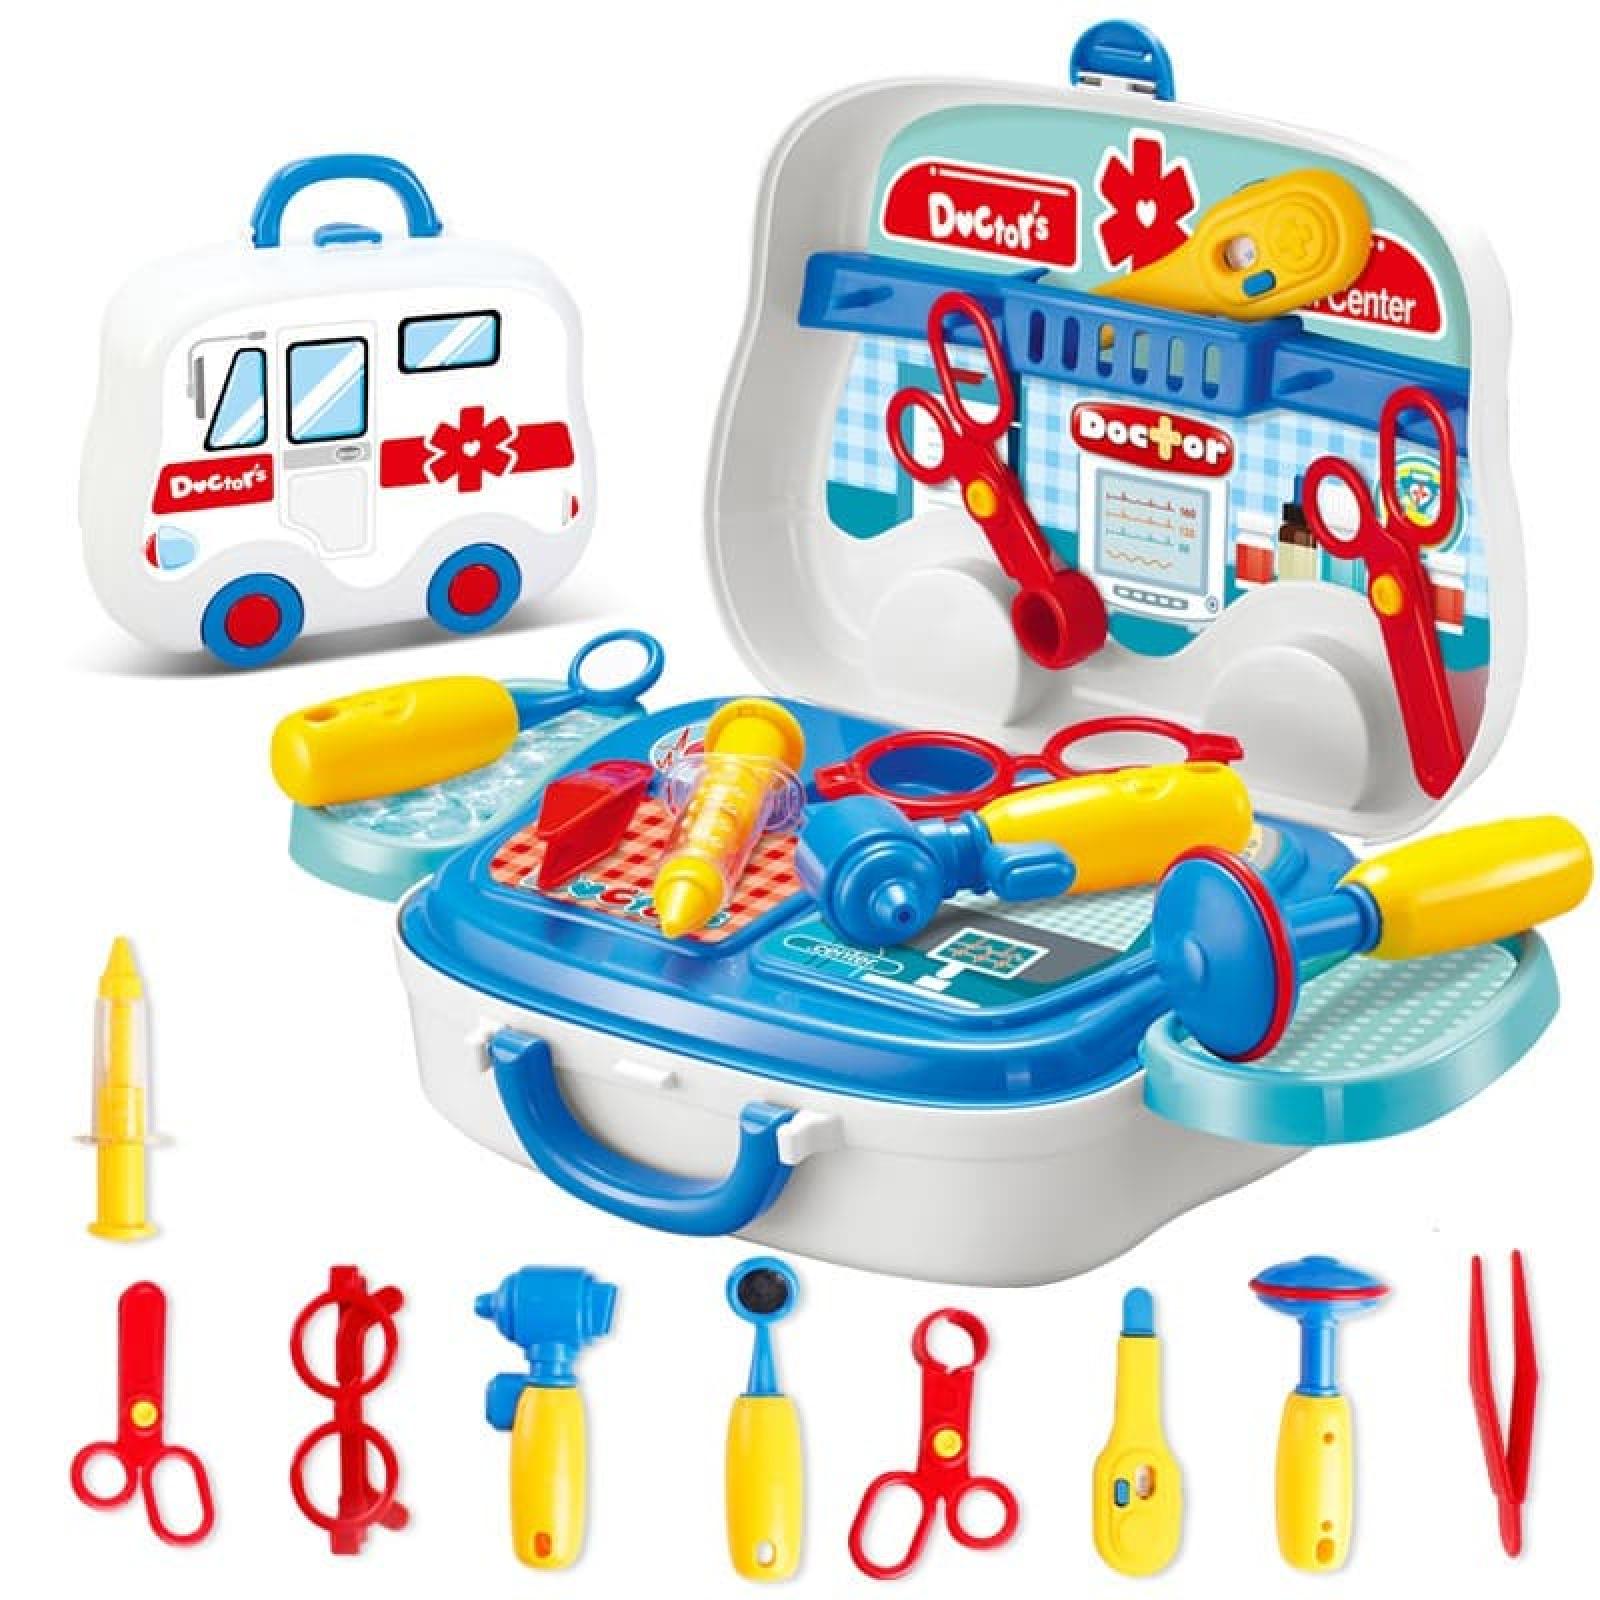 Bộ đồ chơi bác sĩ cấp cứu cho bé 010